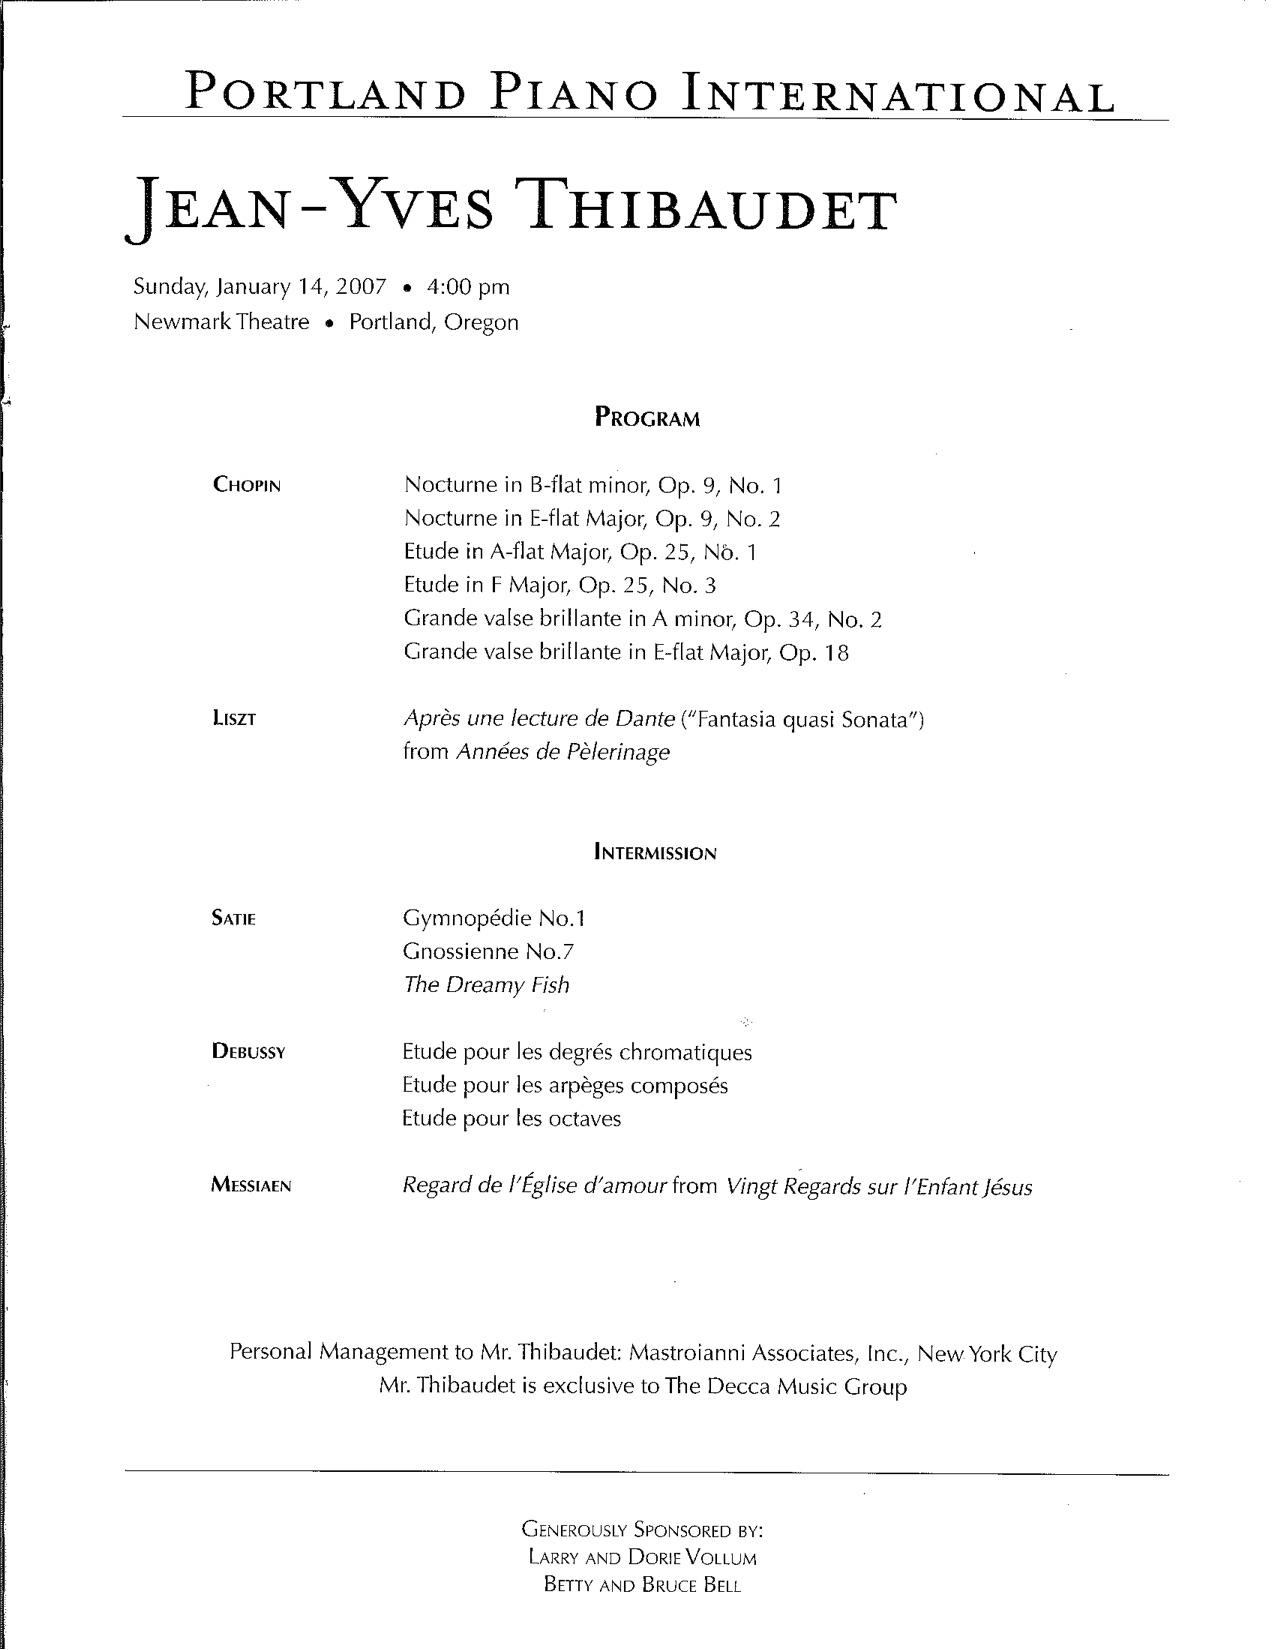 Thibaudet_Program2.jpg